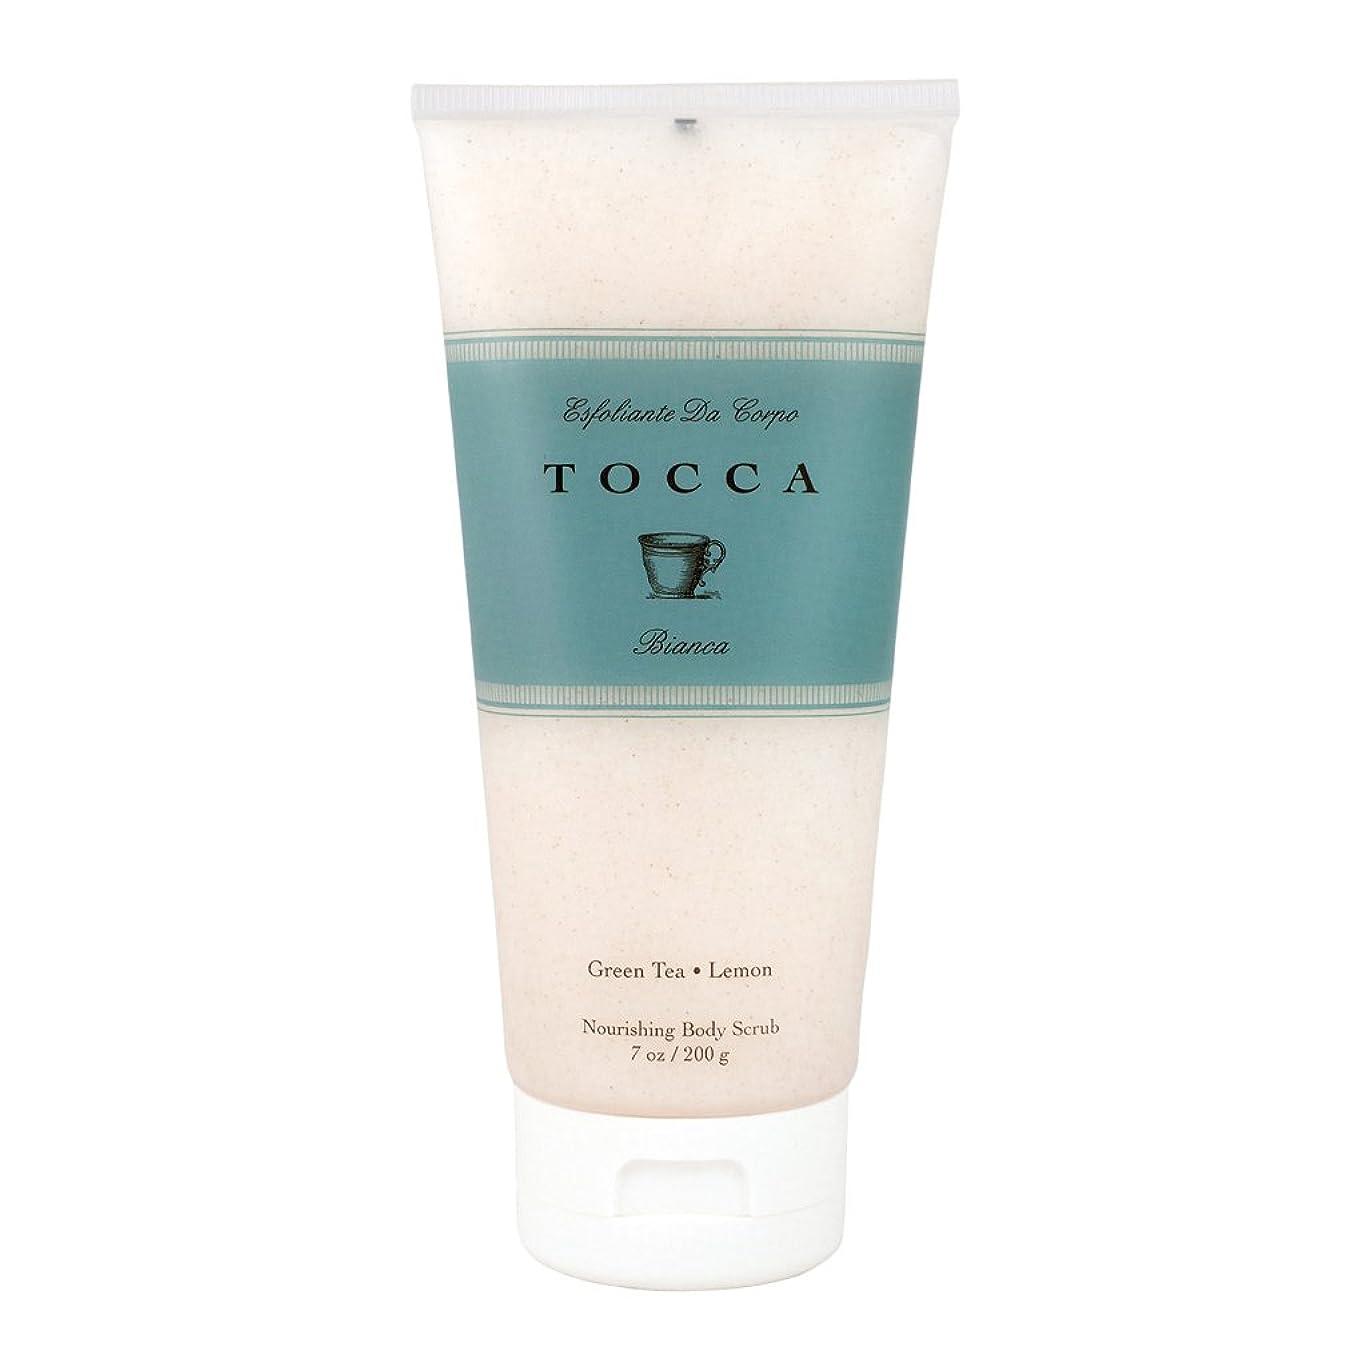 折り目不和安らぎトッカ(TOCCA) ボディーケアスクラブ  ビアンカの香り 200ml(全身?ボディー用マッサージ料 シトラスとグリーンティー、ローズが絶妙に溶け合ったほのかに甘さ漂うフレッシュな香り)